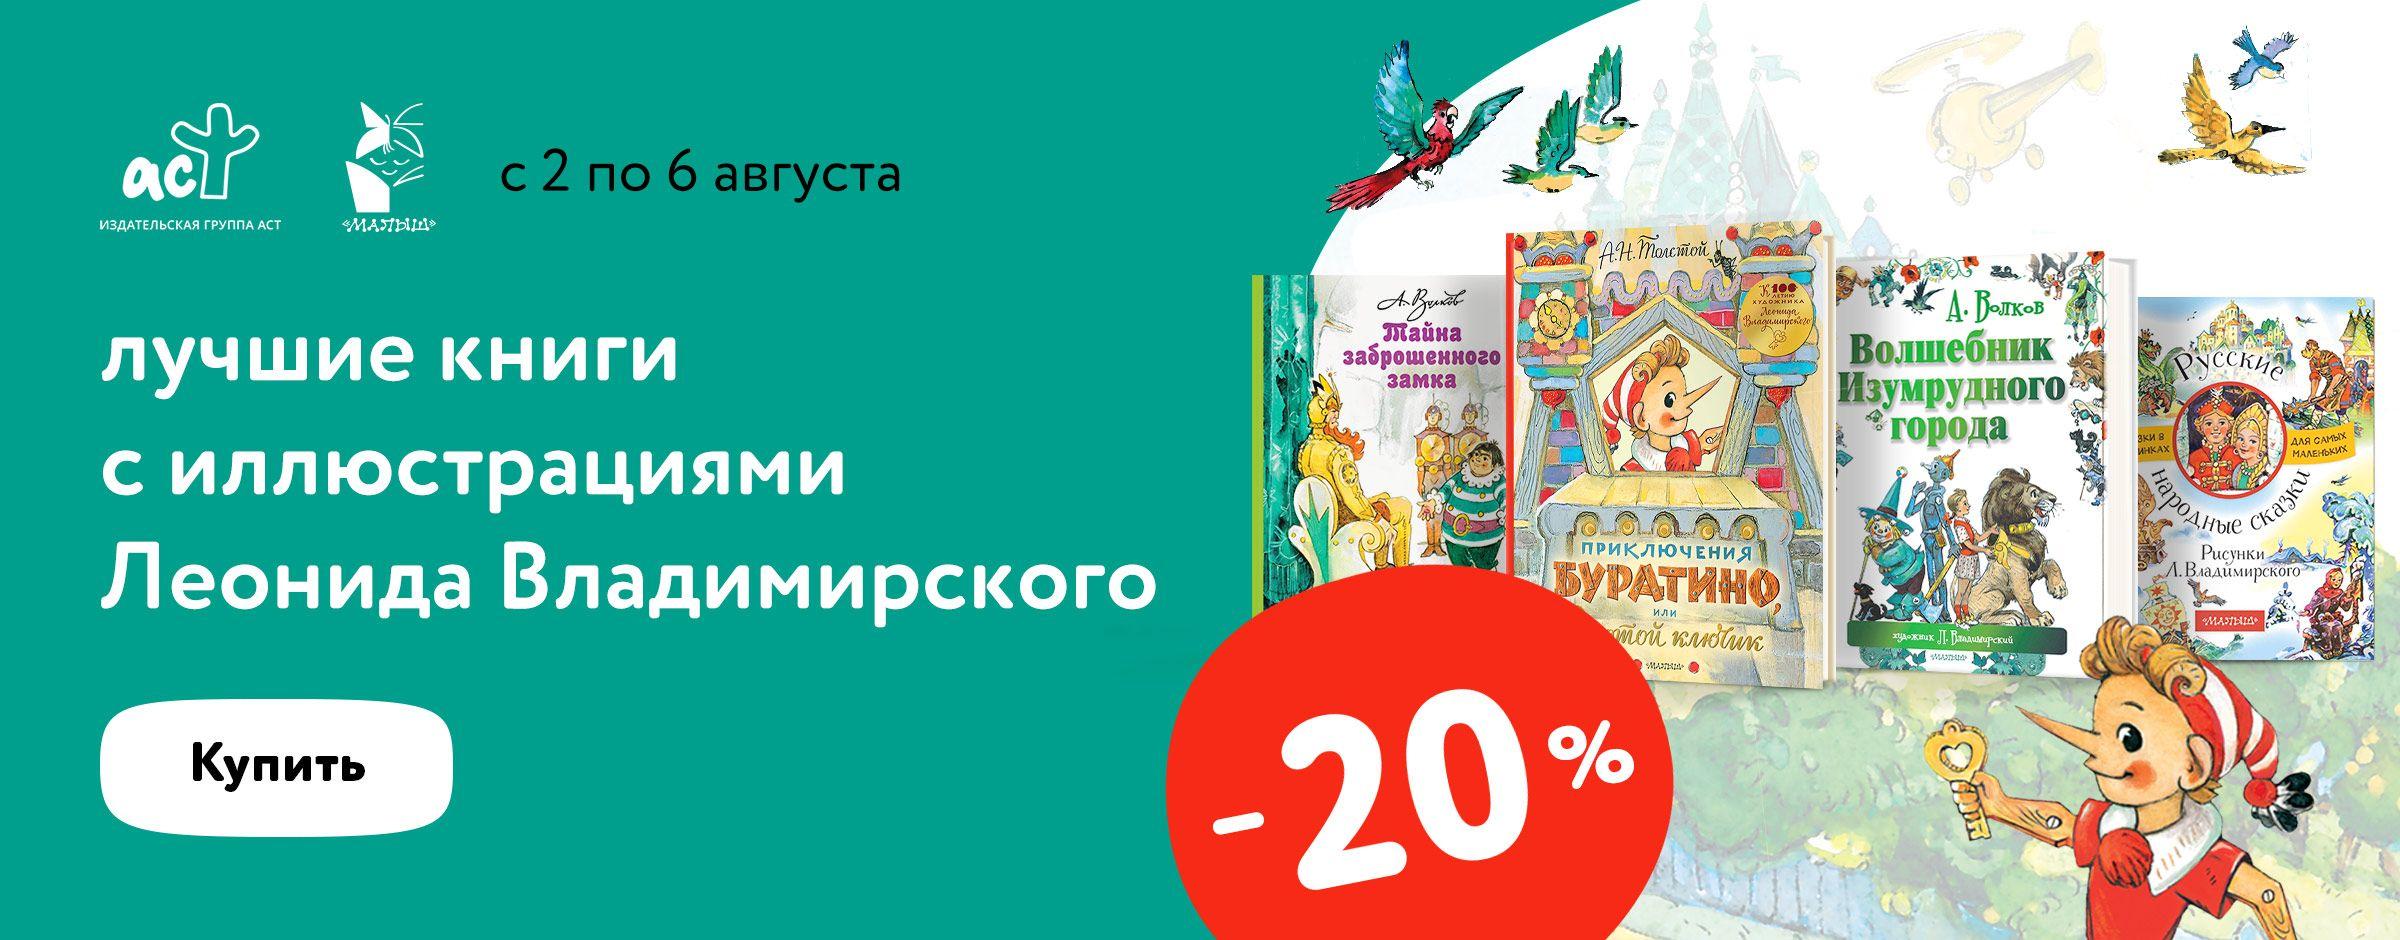 Лучшие книги с иллюстрациями Леонида Владимирского Питание + Книги